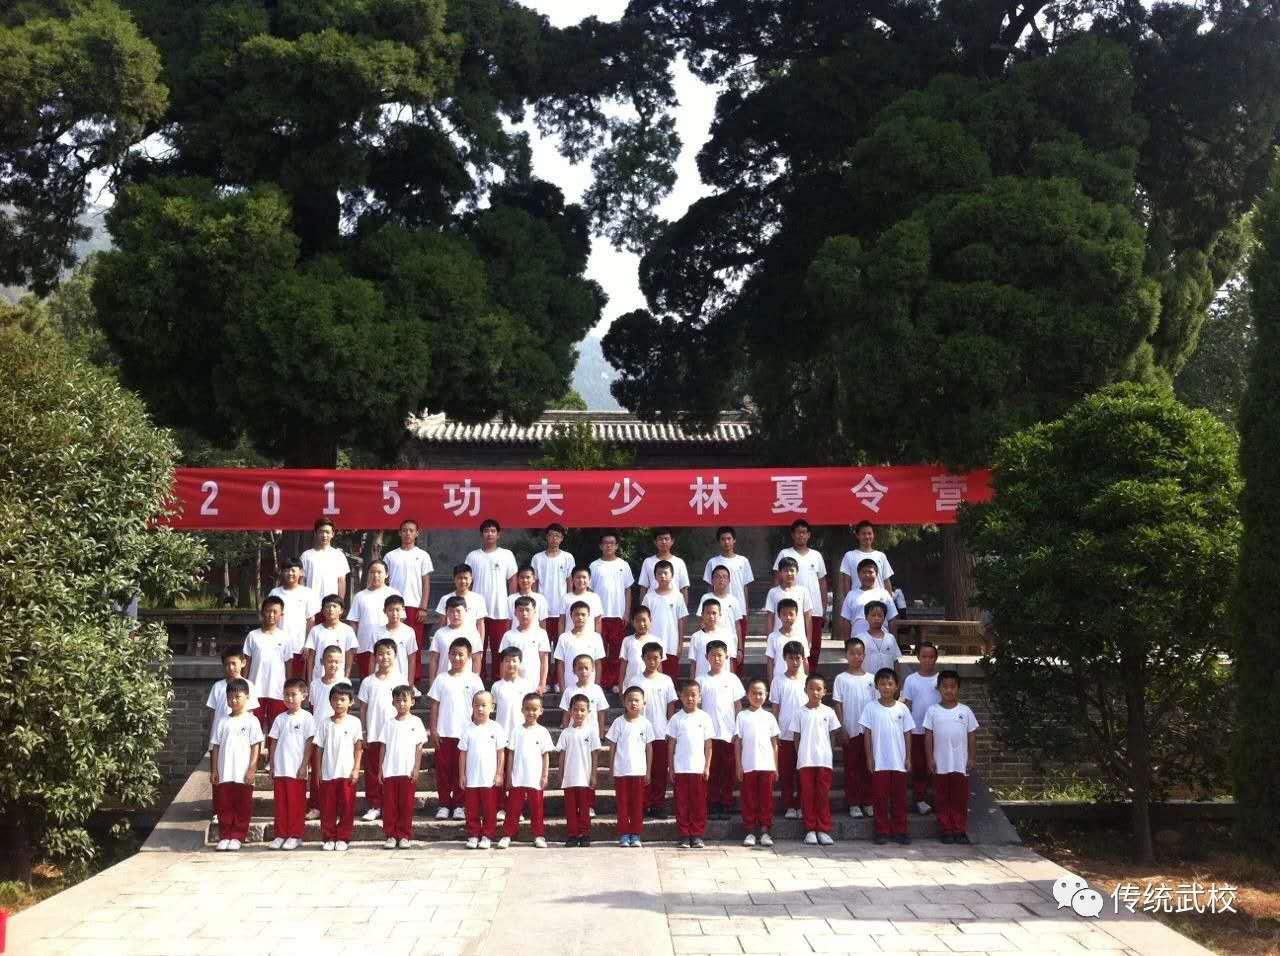 少林寺武术学校的教练在指导学员武术